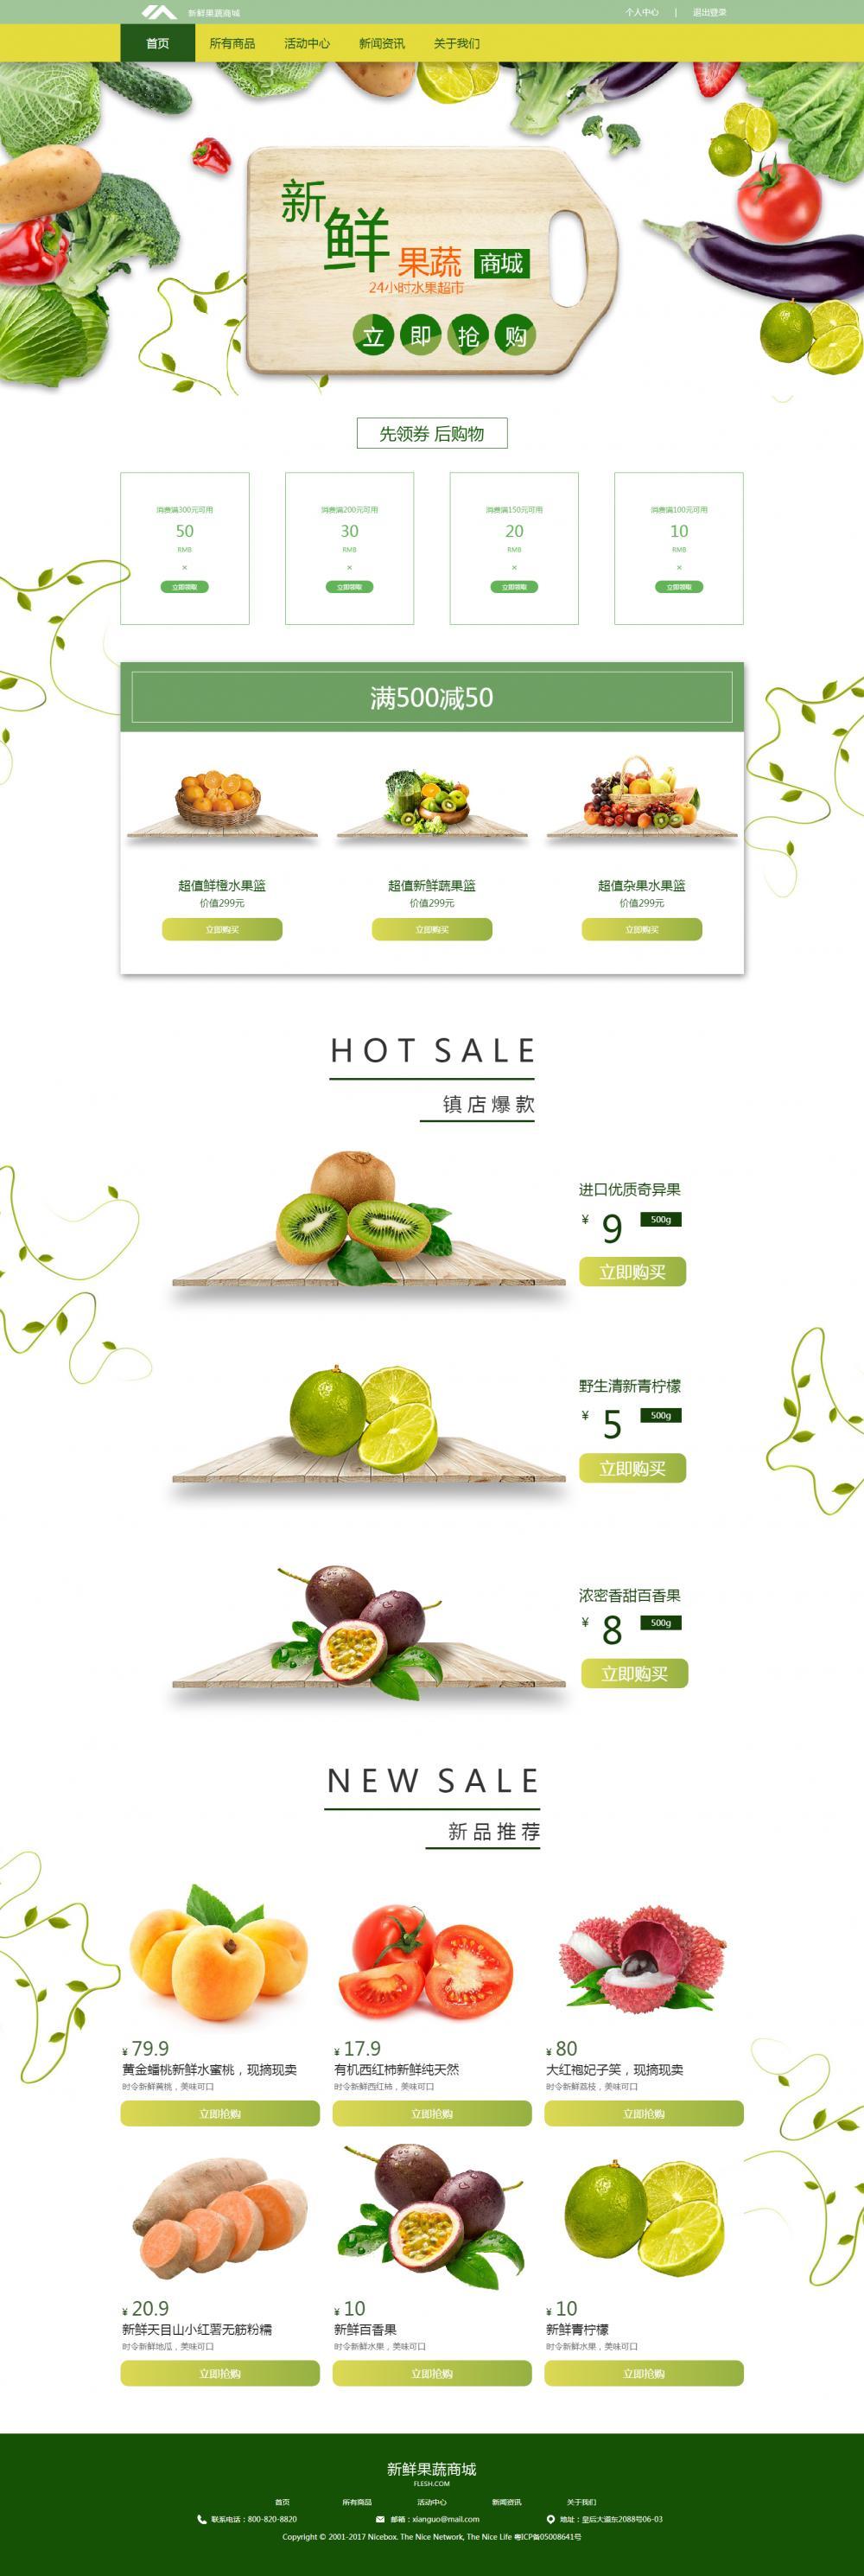 新鲜果蔬商城模板